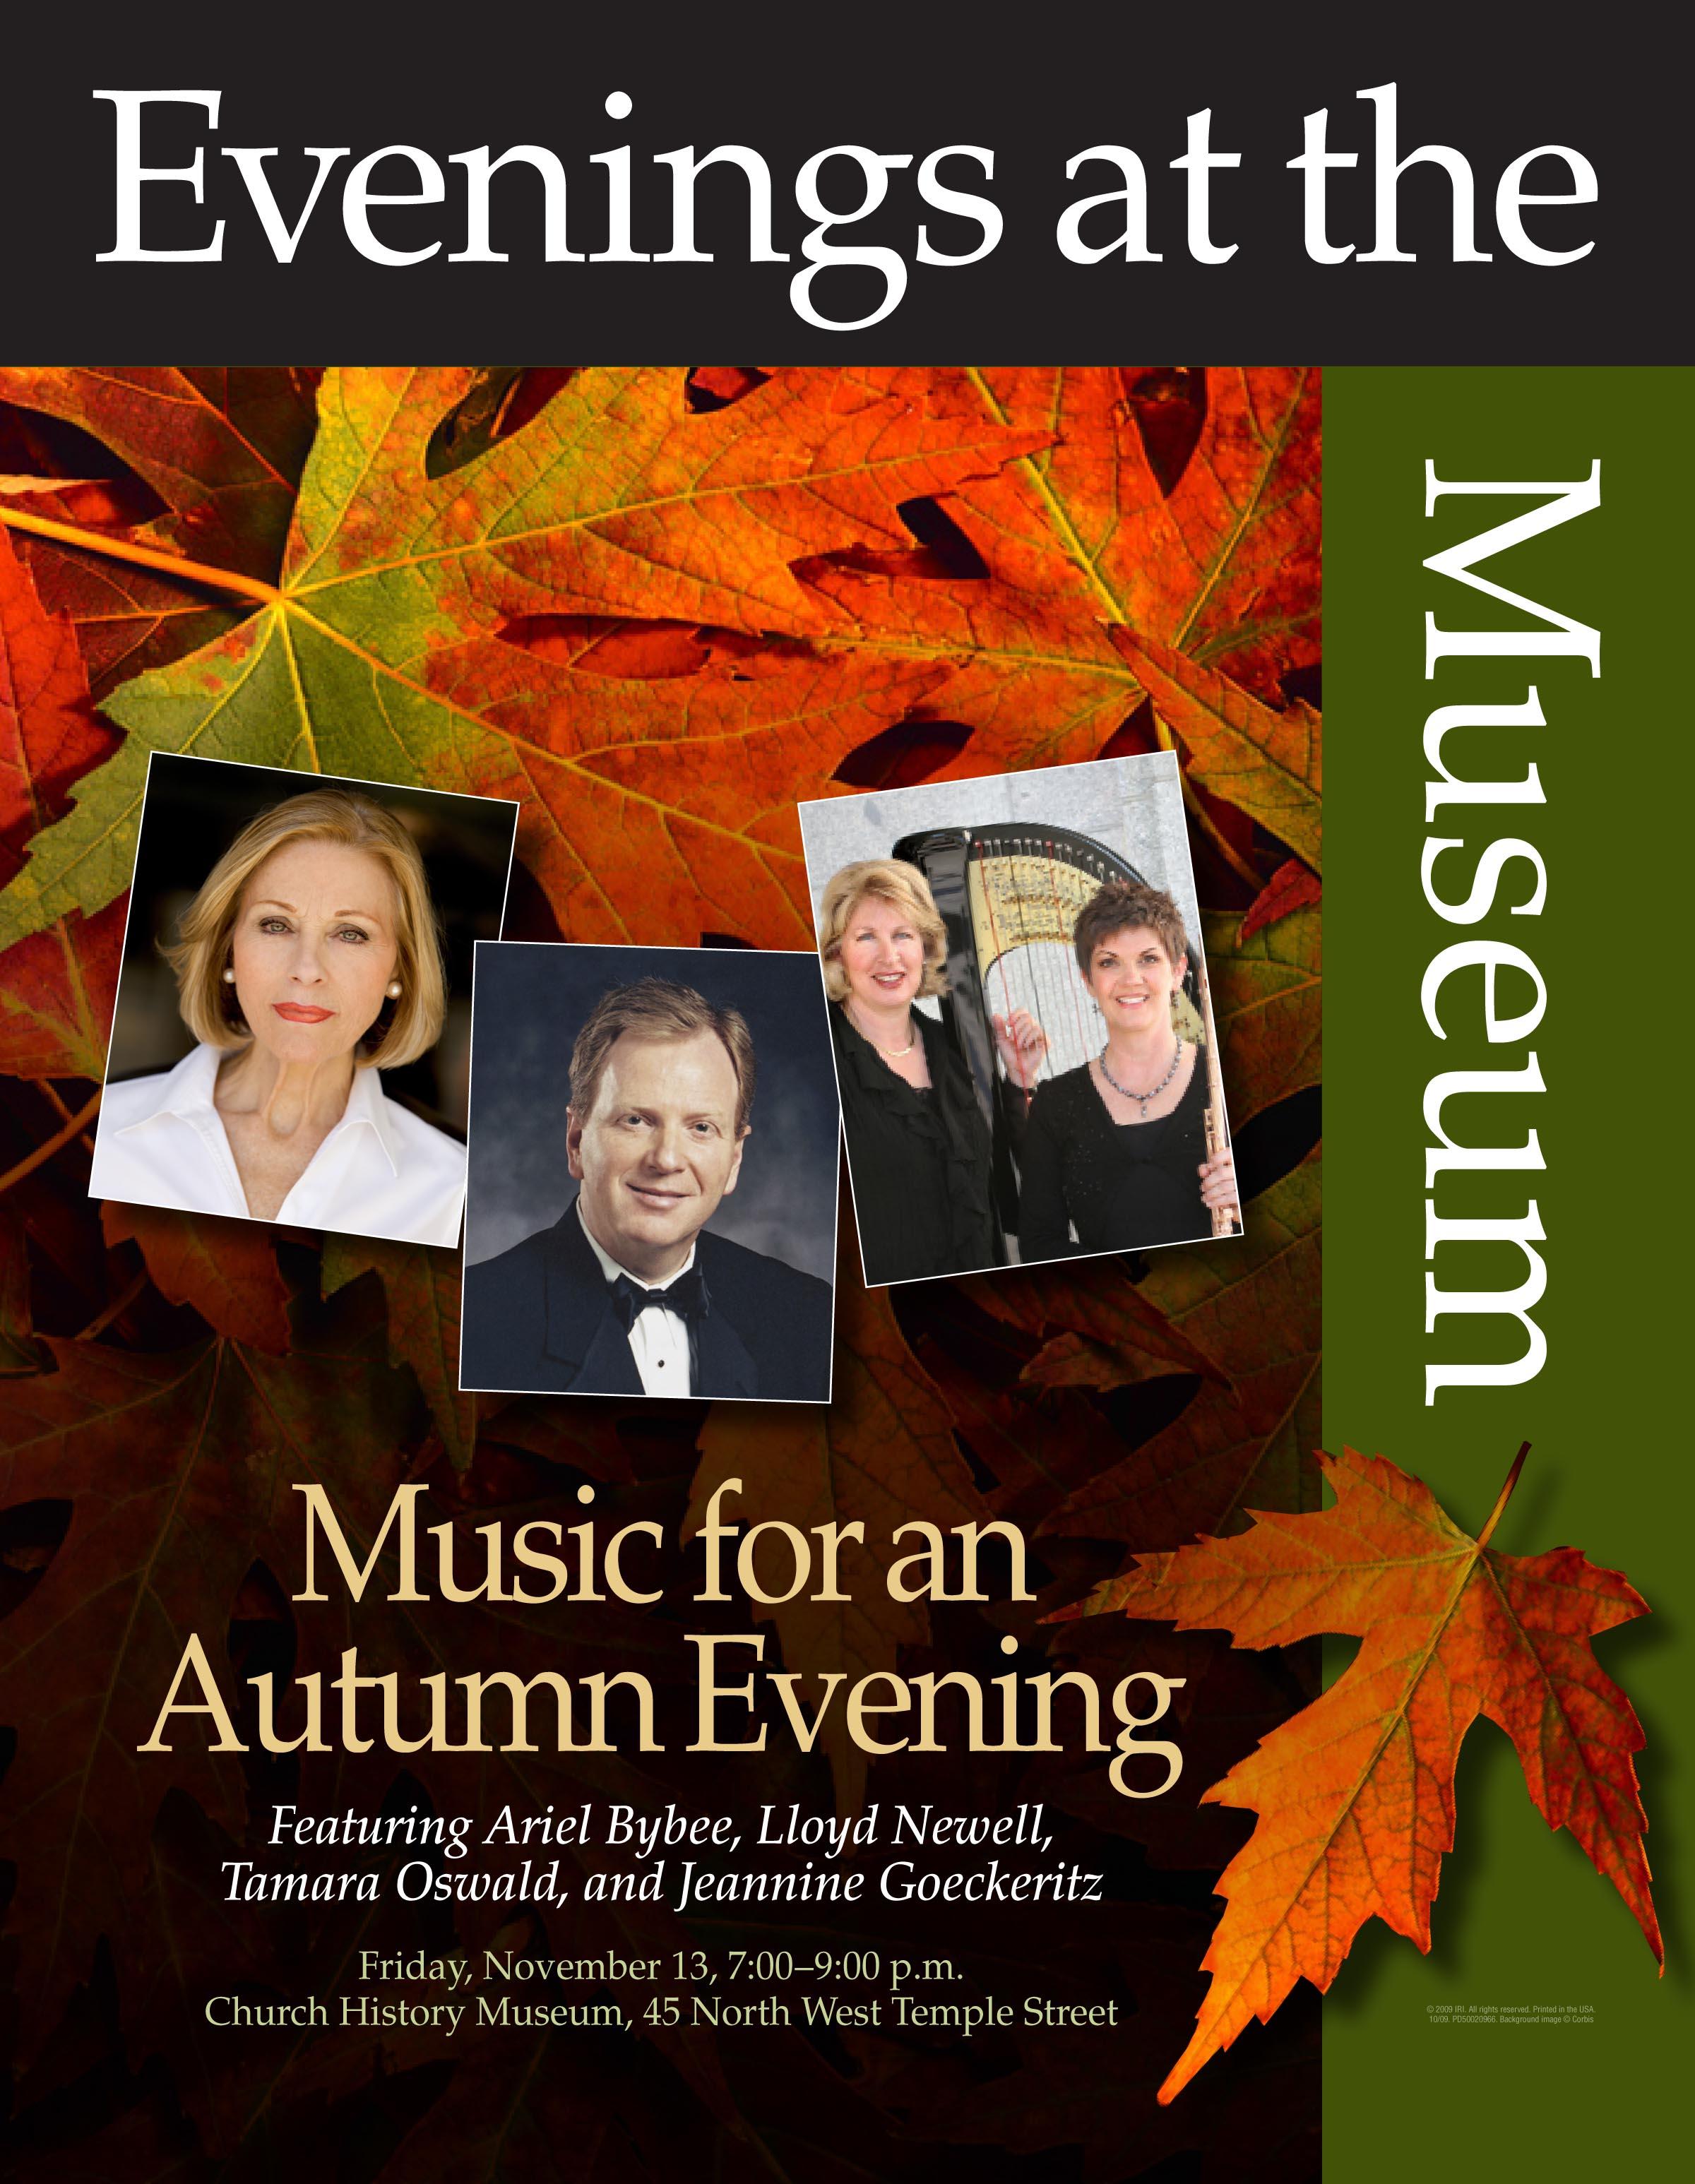 Music for an autumn evening poster - Jeannine Goeckeritz.jpg